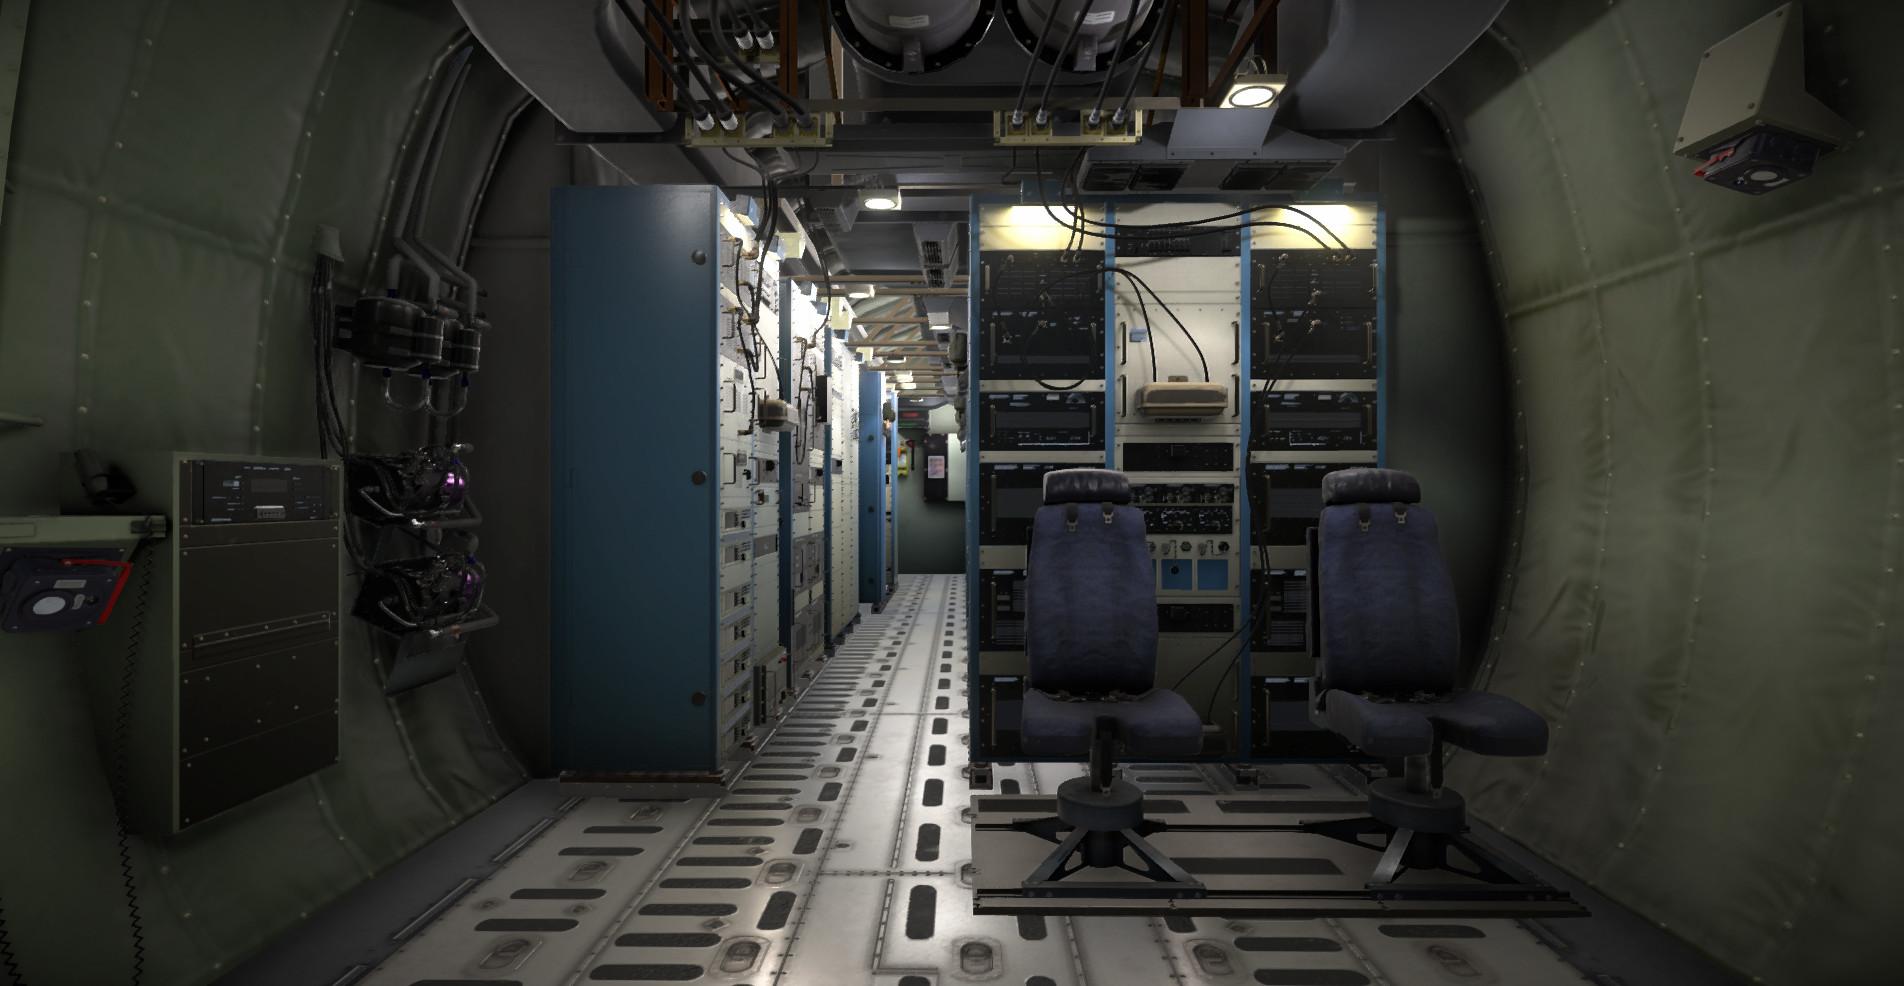 Justin wildhorn ec fuselage 08